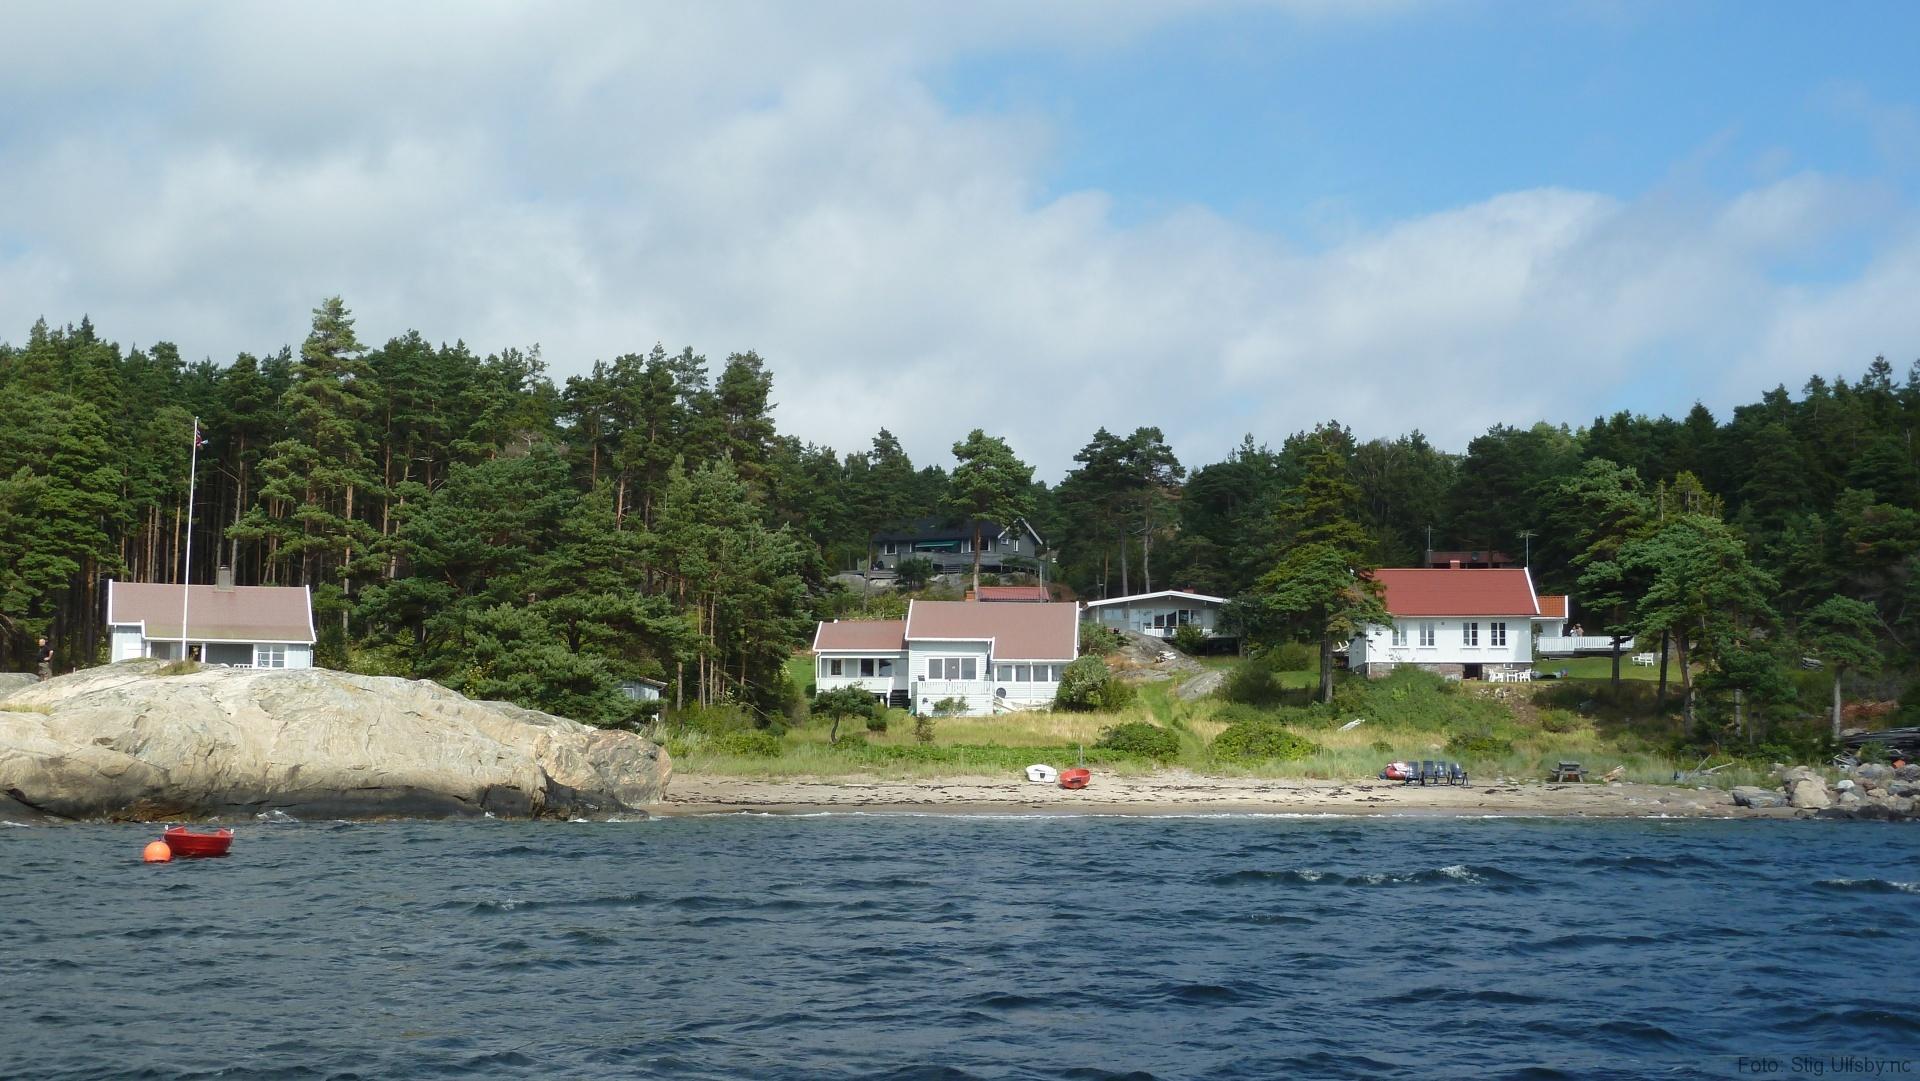 Hytter på Gjøkvika på Søndre Sandøy, Hvaler juli 2010